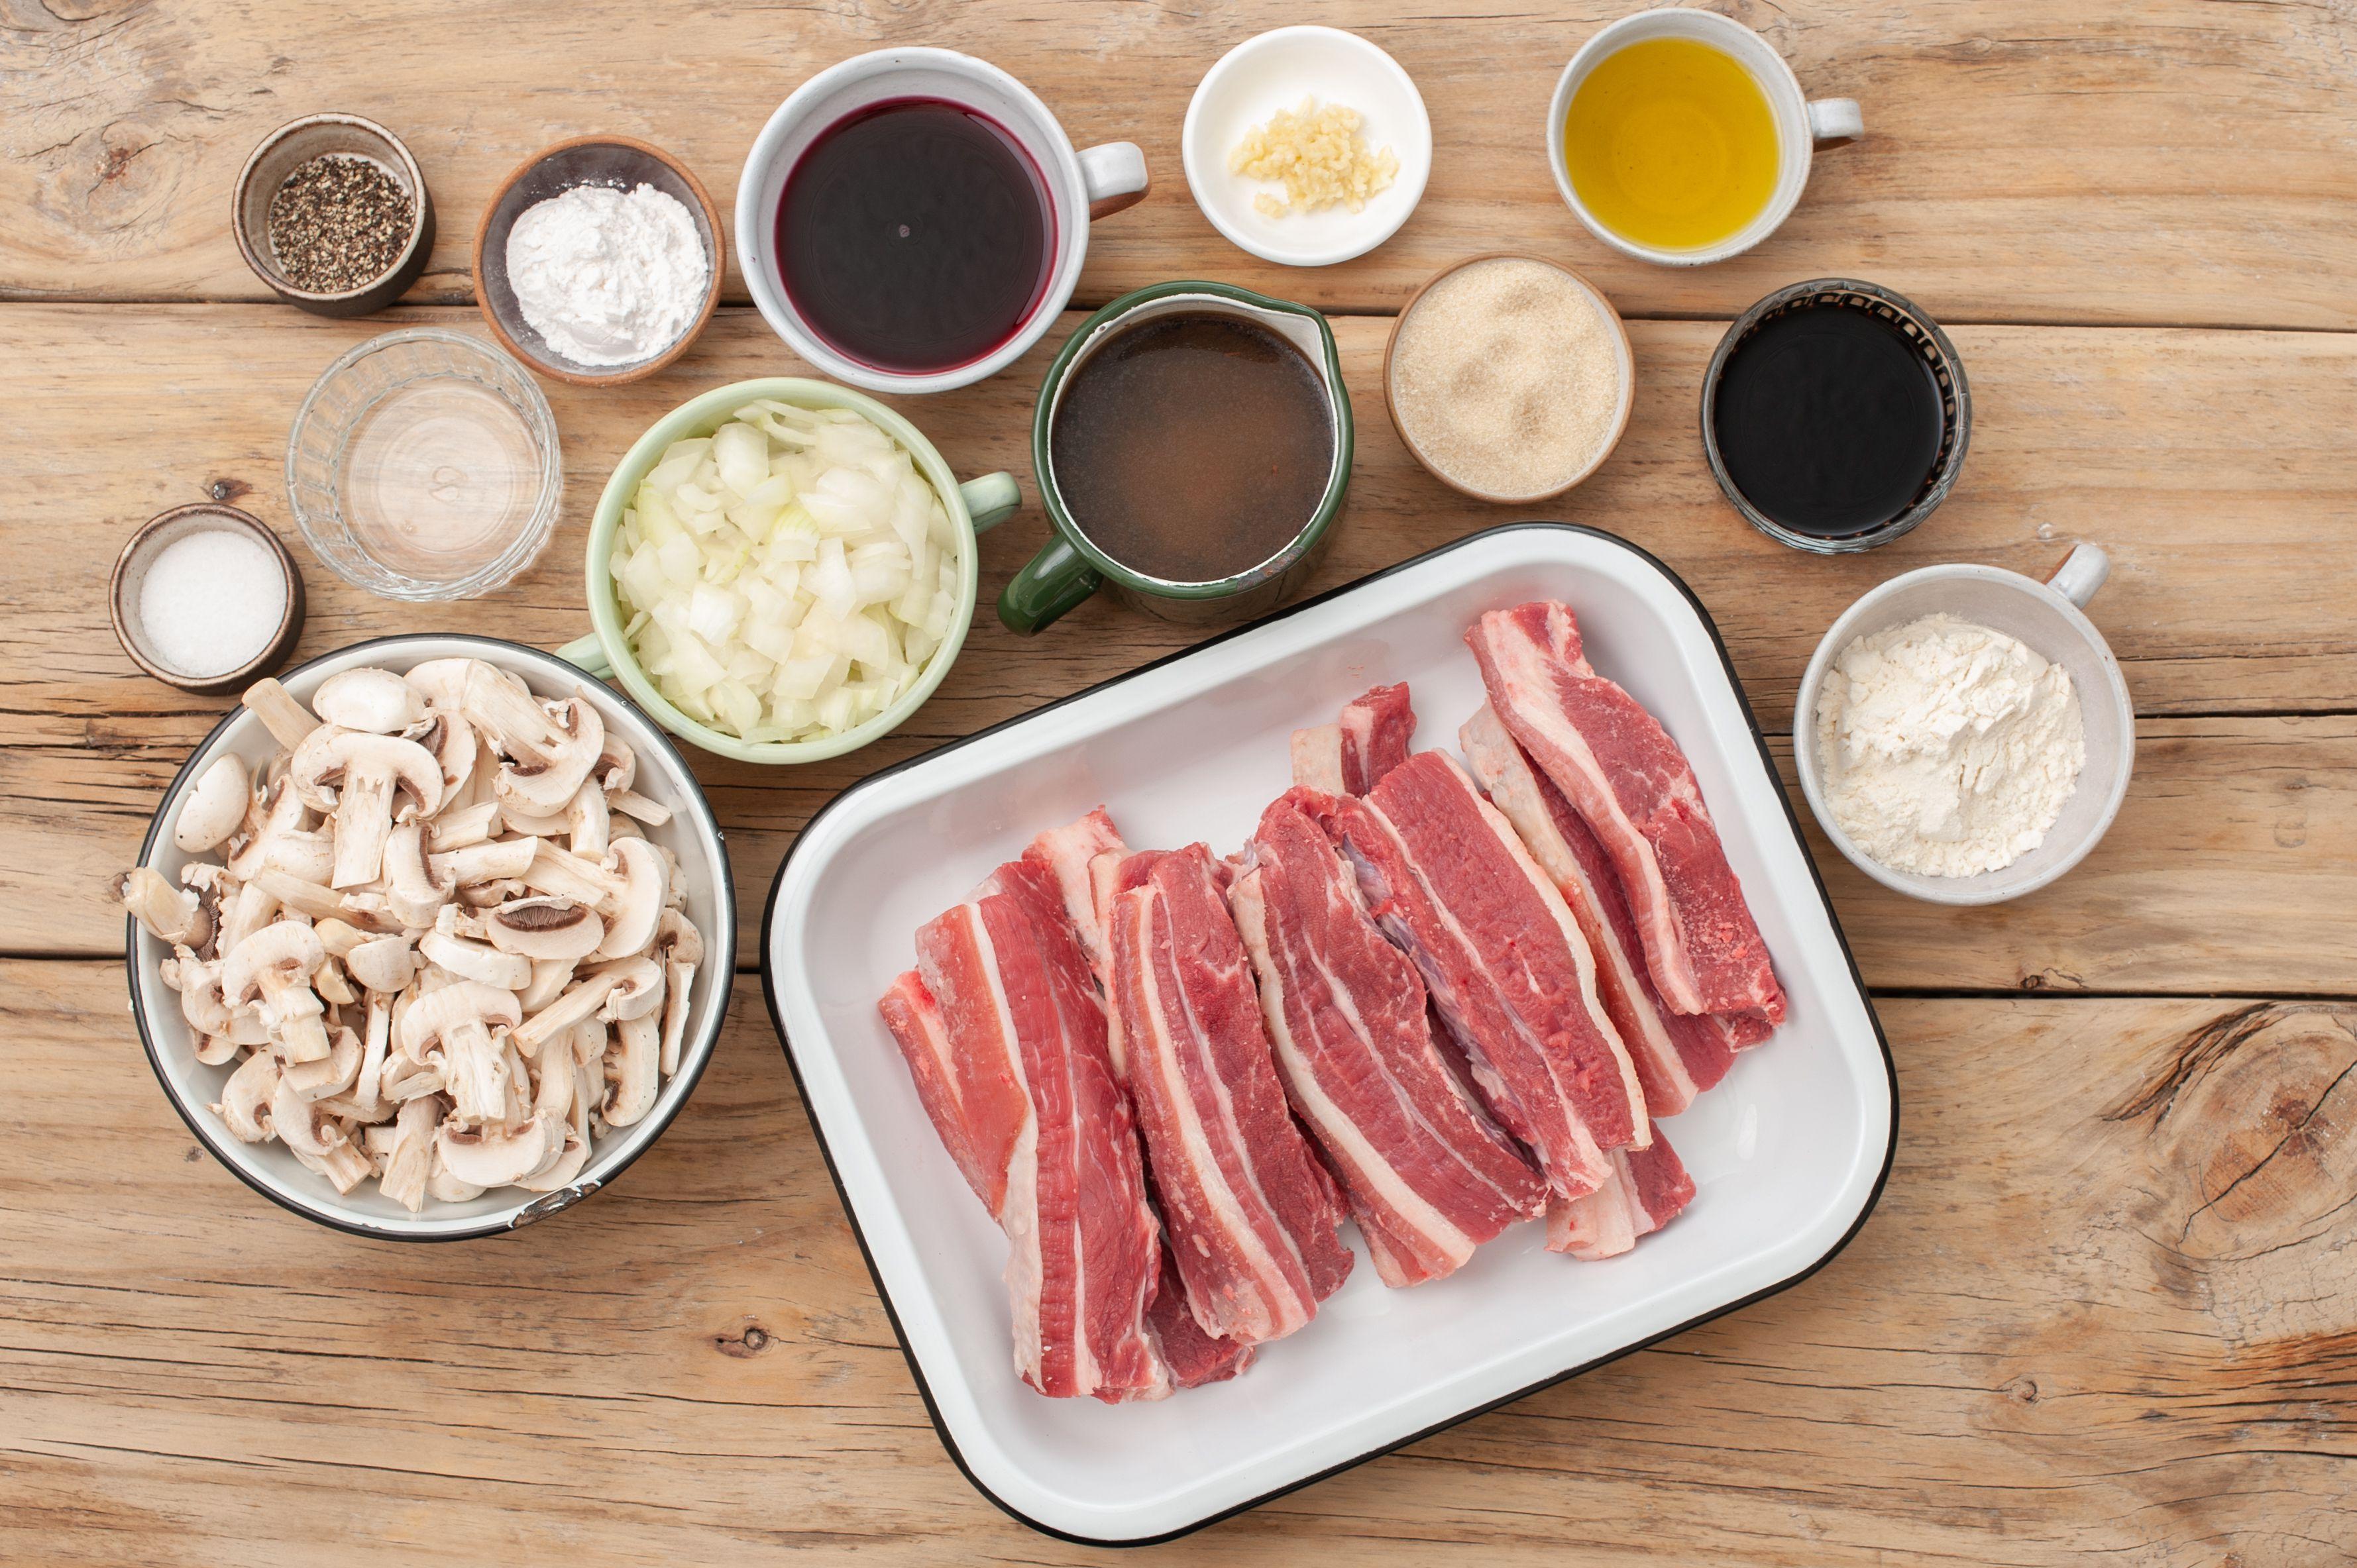 Ingredients for slow cooker boneless beef short ribs